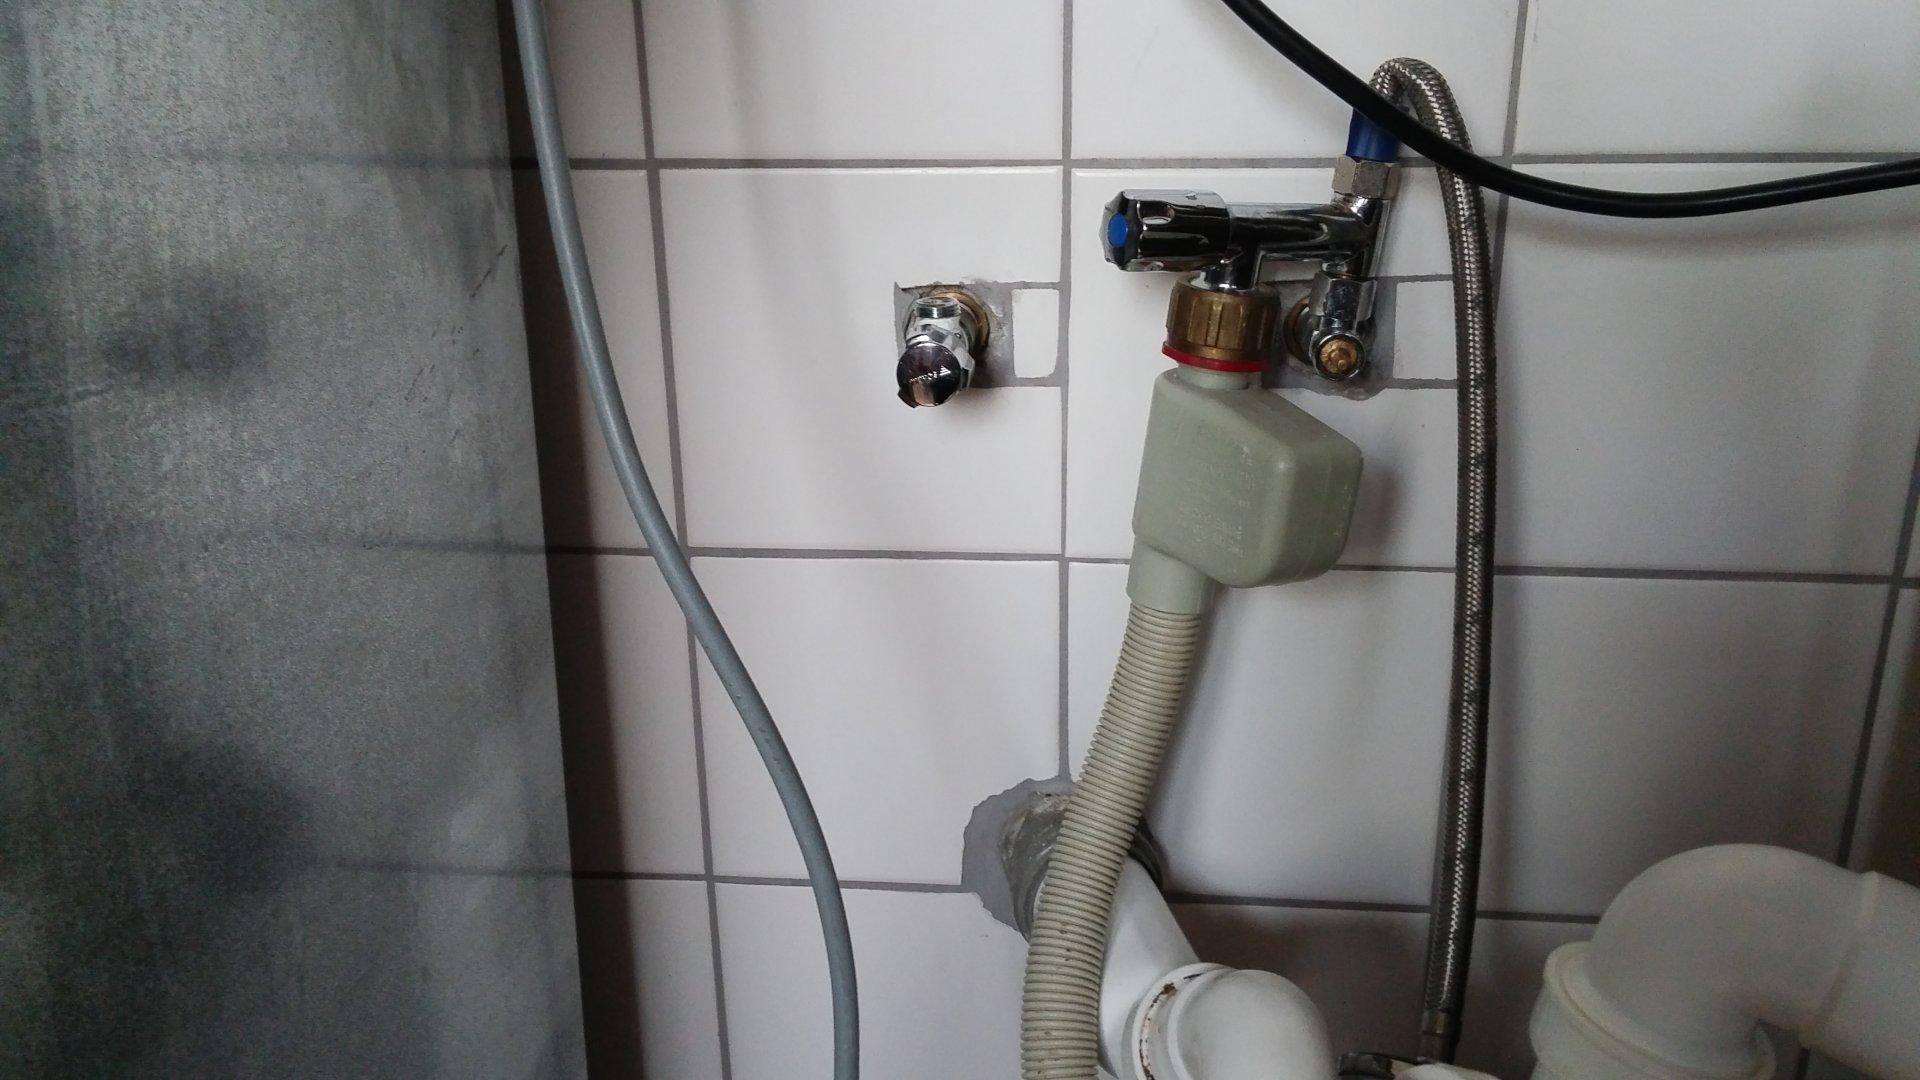 Küche] Wasseranschluss für Spülbecken sowie Spülmaschine